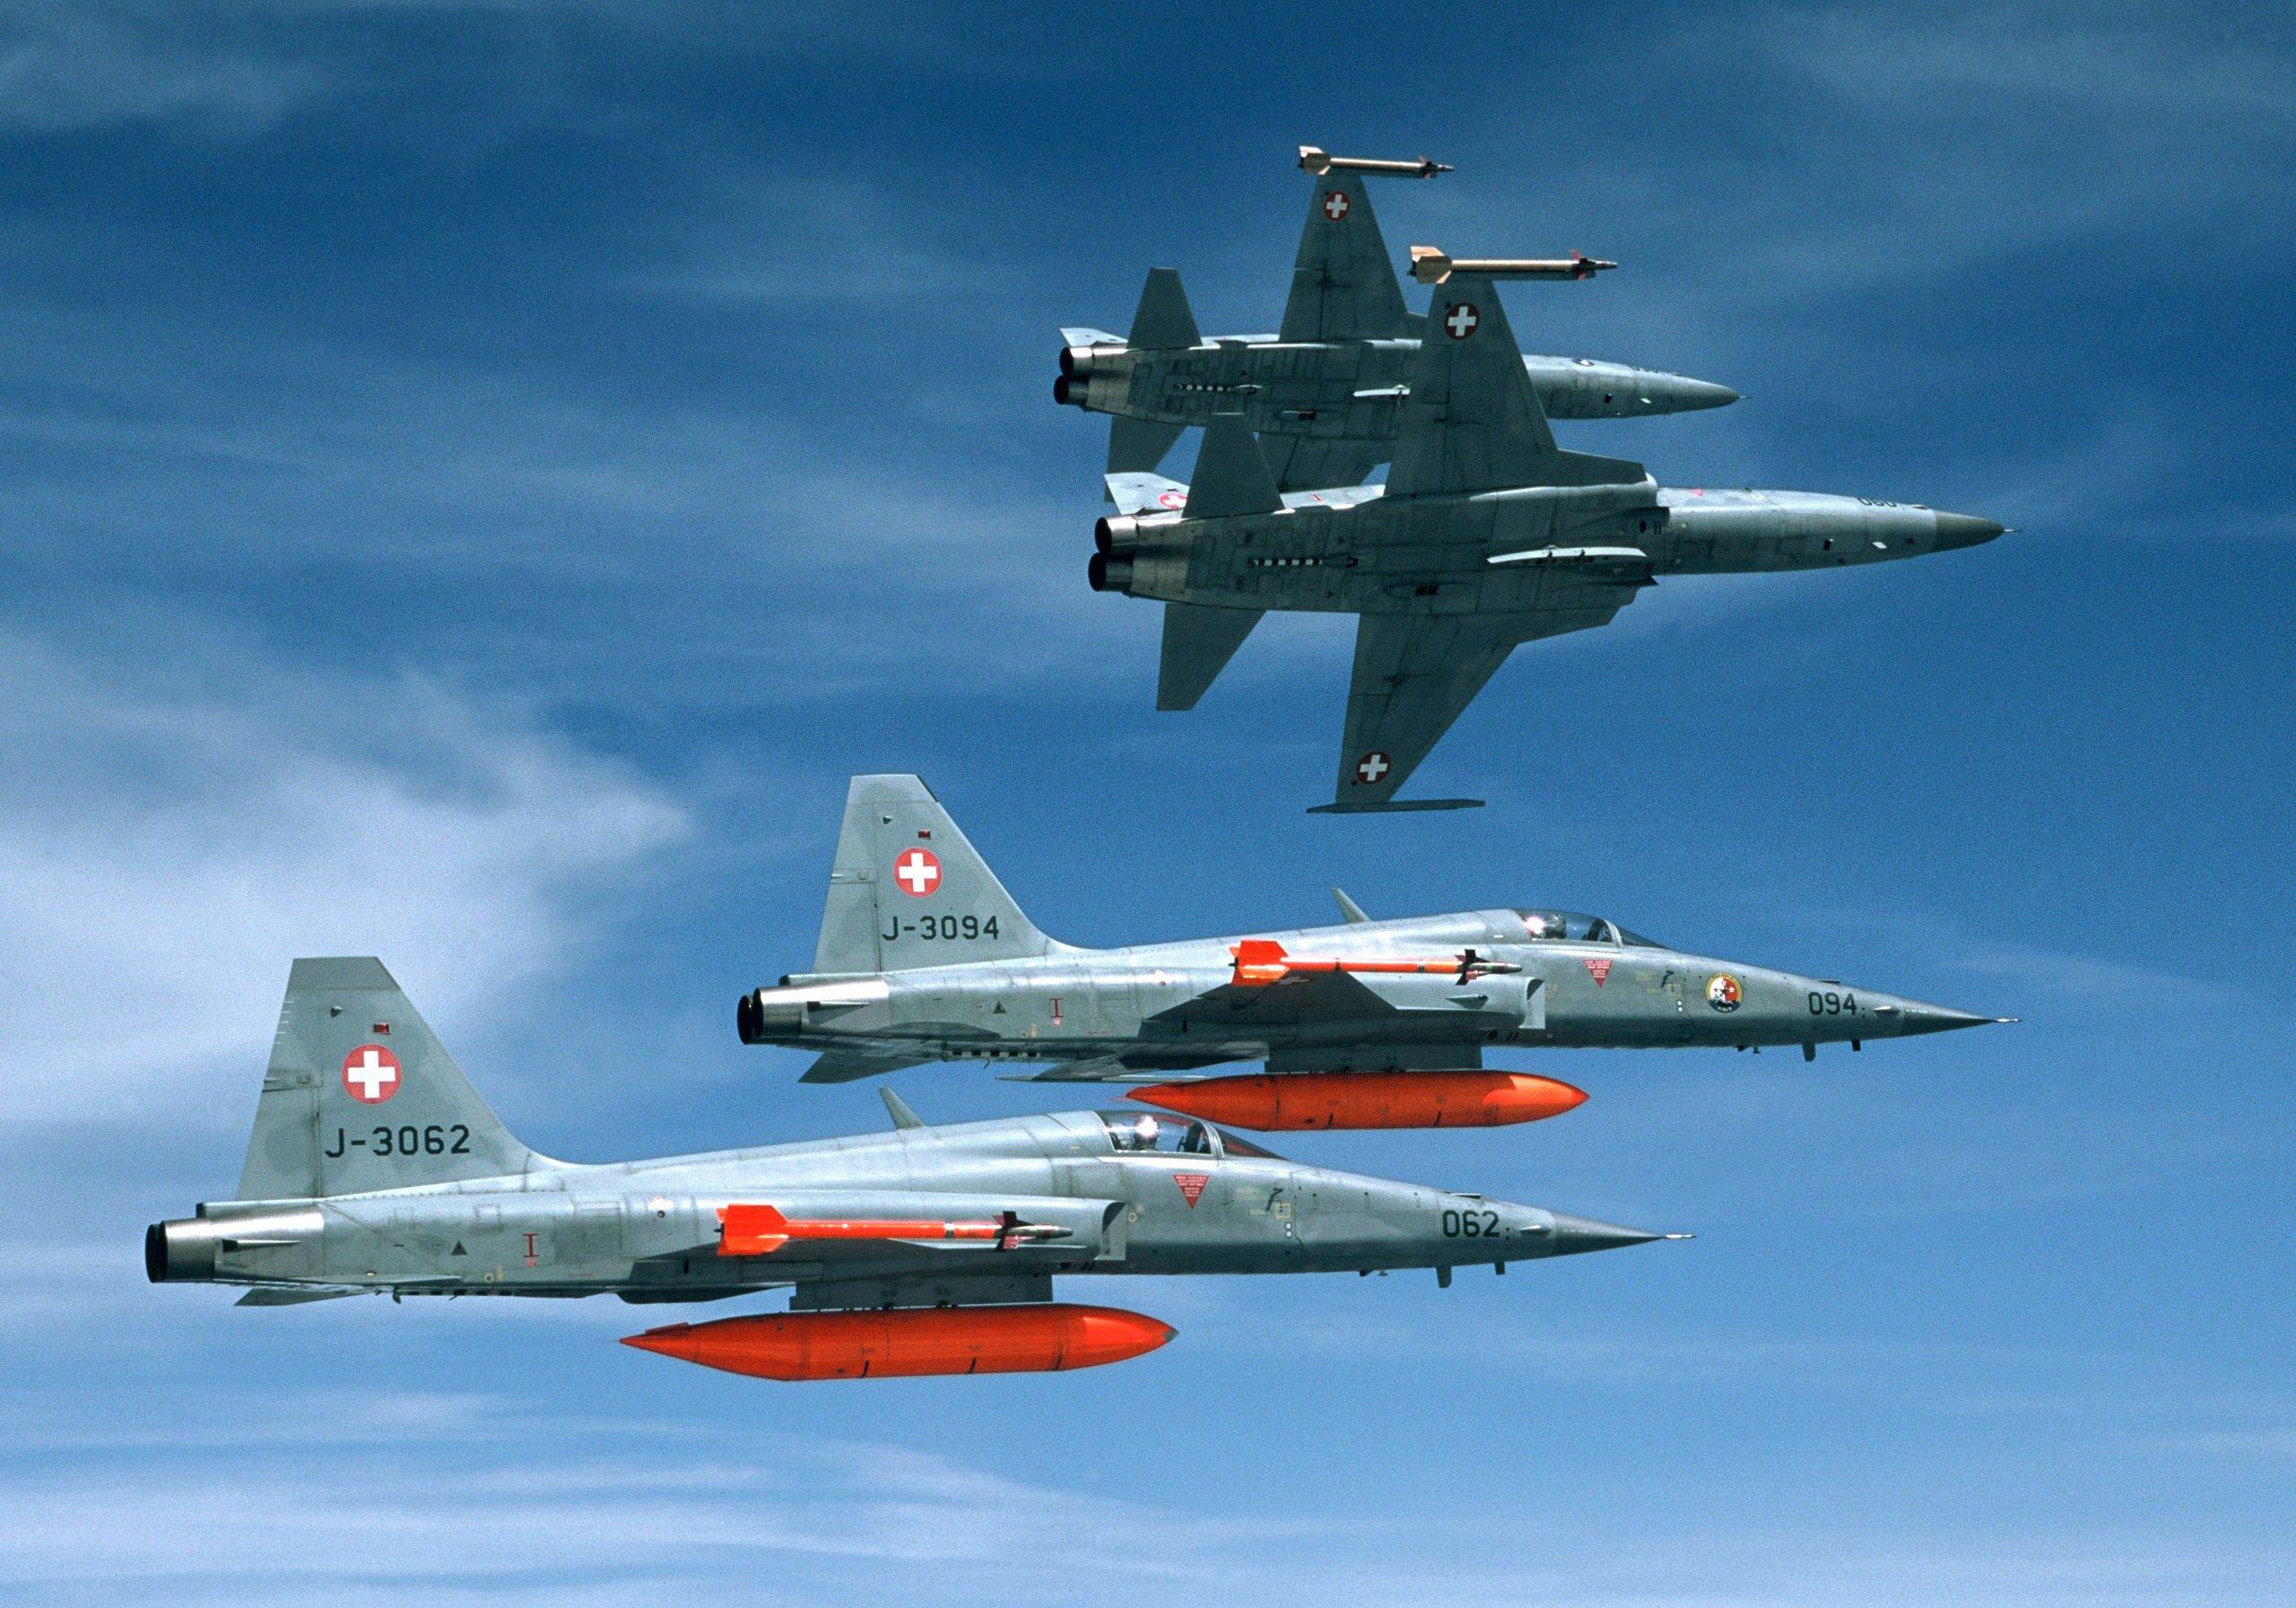 Ο στρατός των ΗΠΑ θέλει να αγοράσει ένα μεγάλο κομμάτι της Πολεμικής Αεροπορίας της Ελβετίας